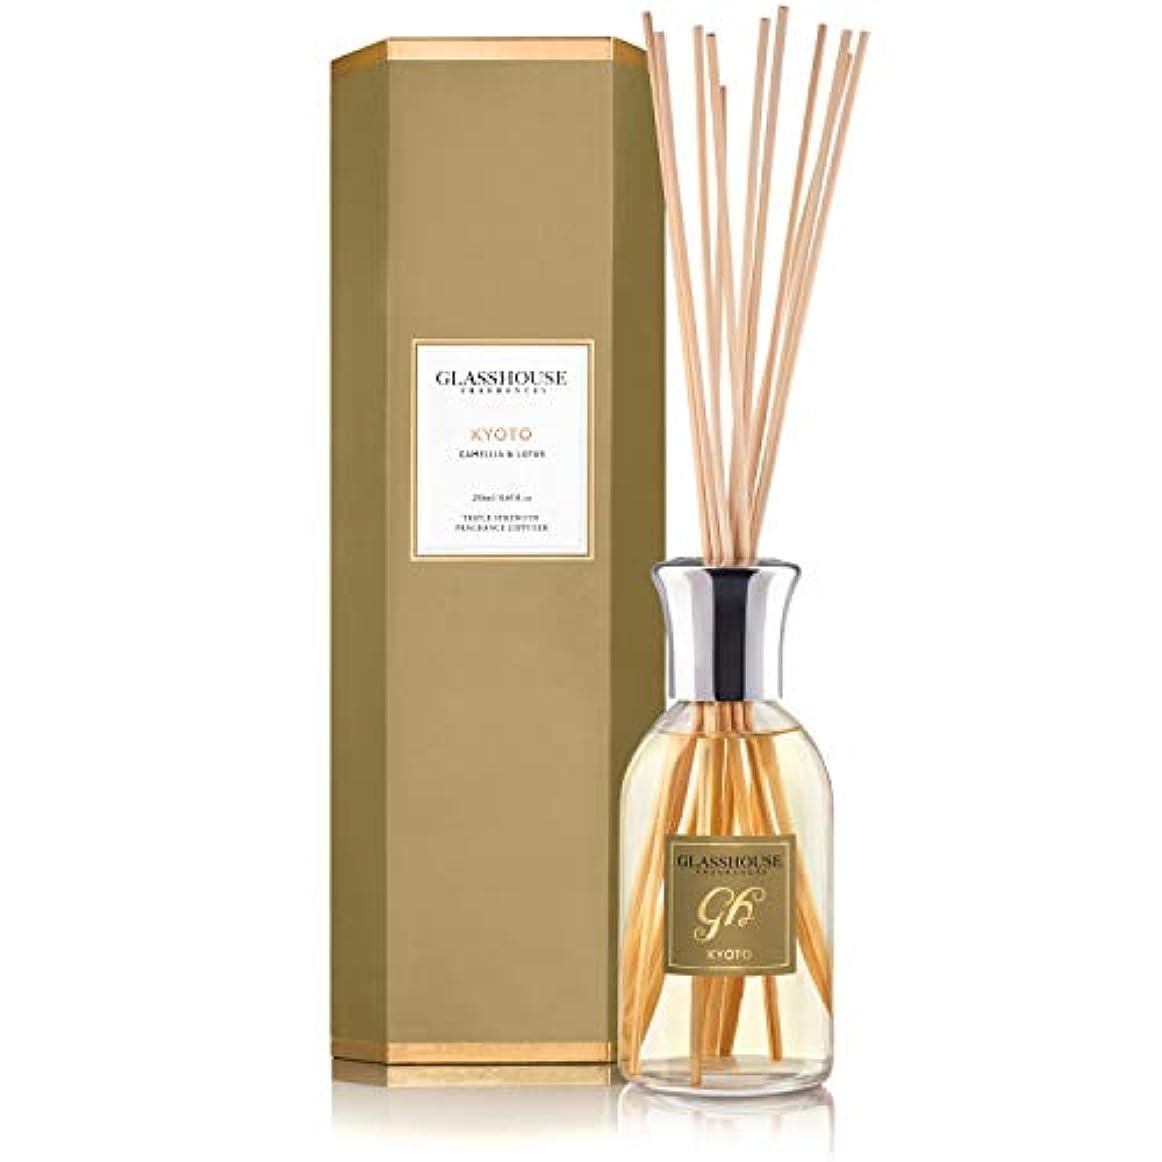 材料魔術細部グラスハウス Triple Strength Fragrance Diffuser - Kyoto (Camellia & Lotus) 250ml/8.45oz並行輸入品